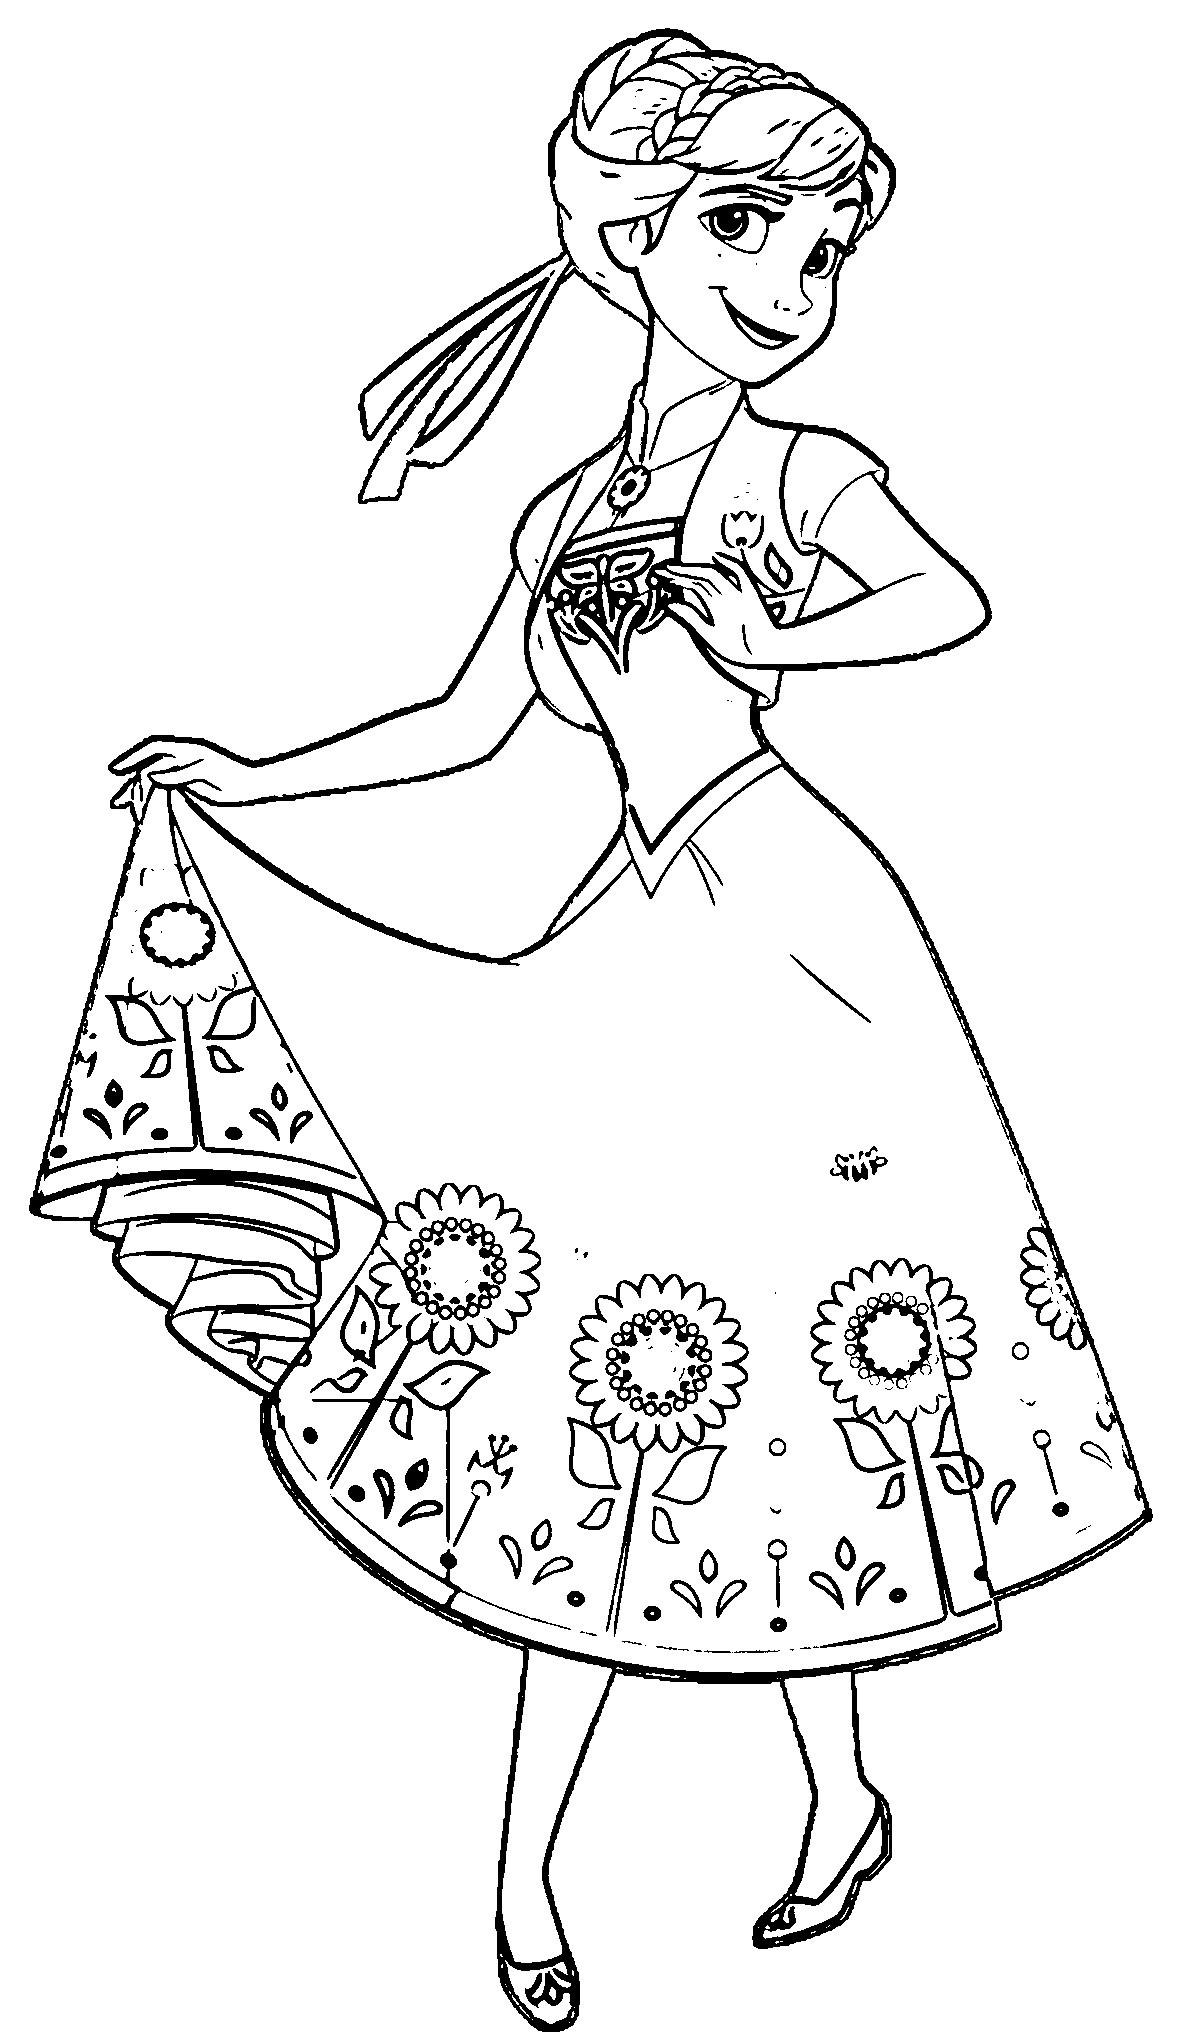 Tranh tô màu công chúa Elsa dễ thương cực đẹp